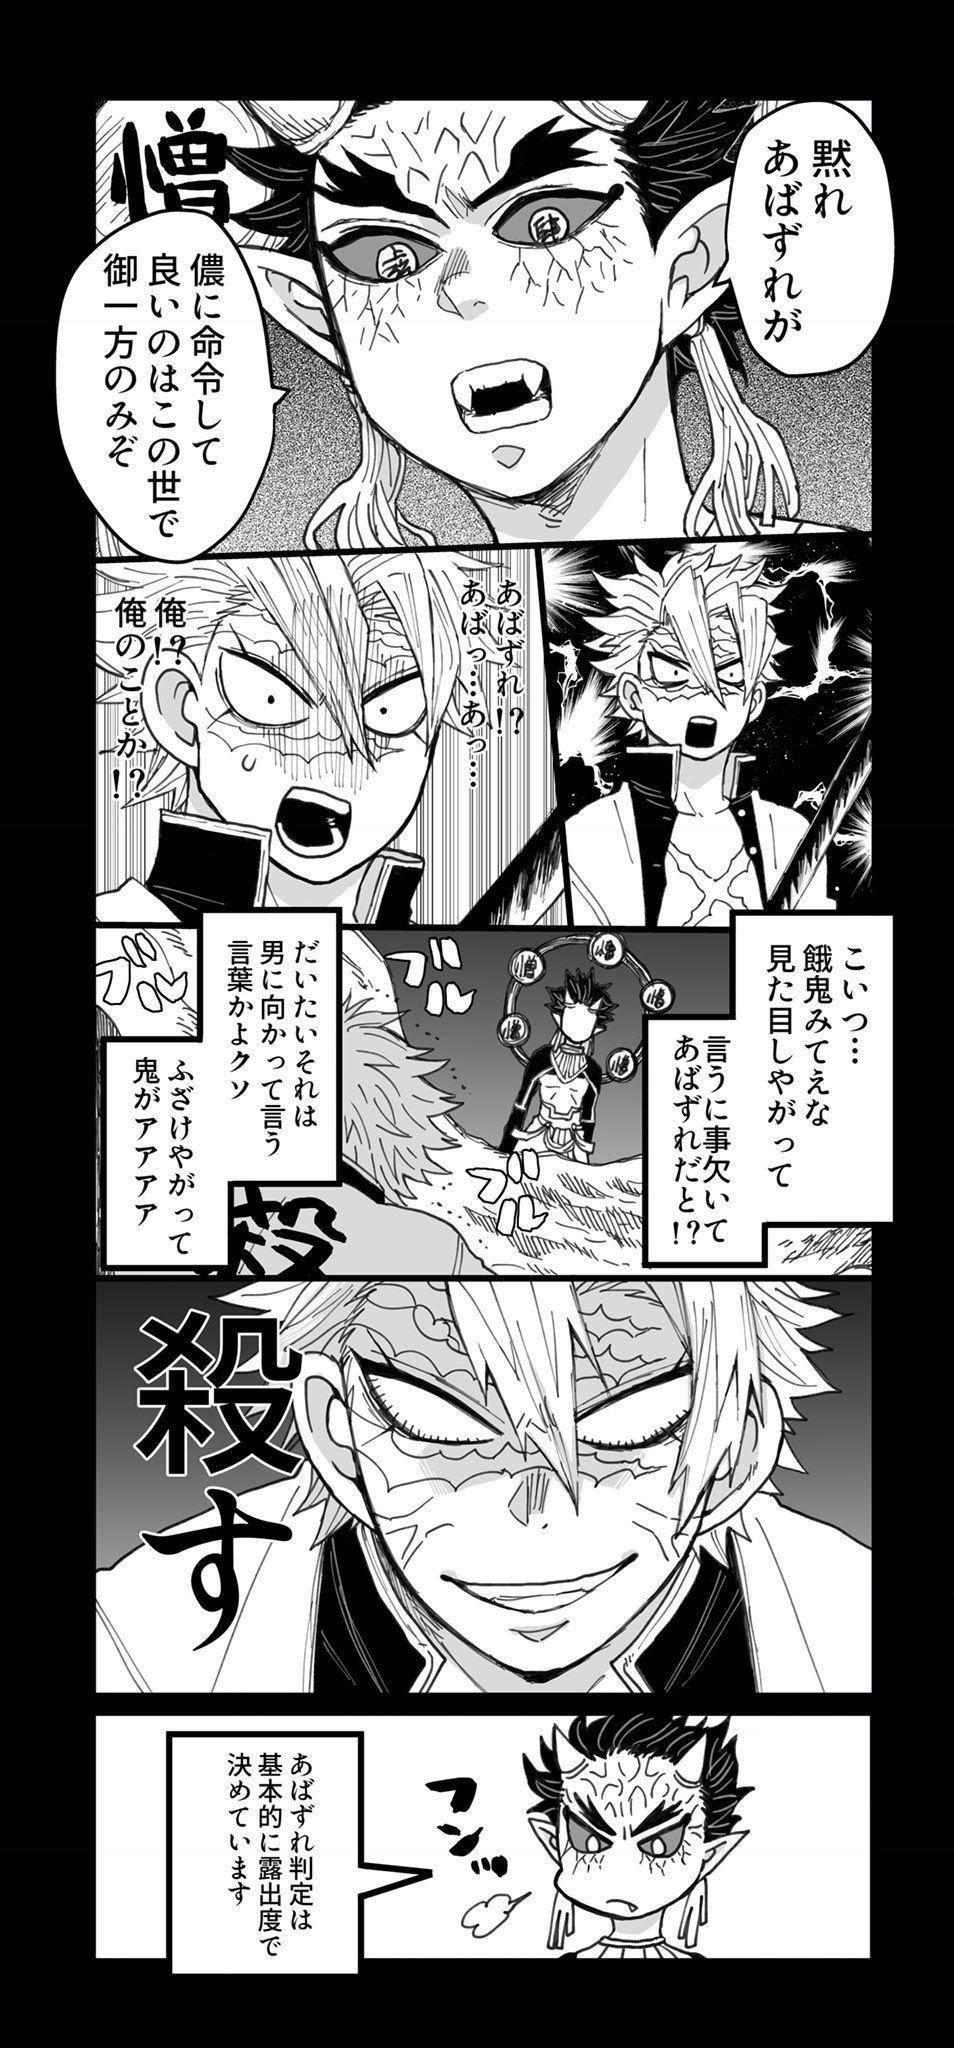 twitter nerd manga anime